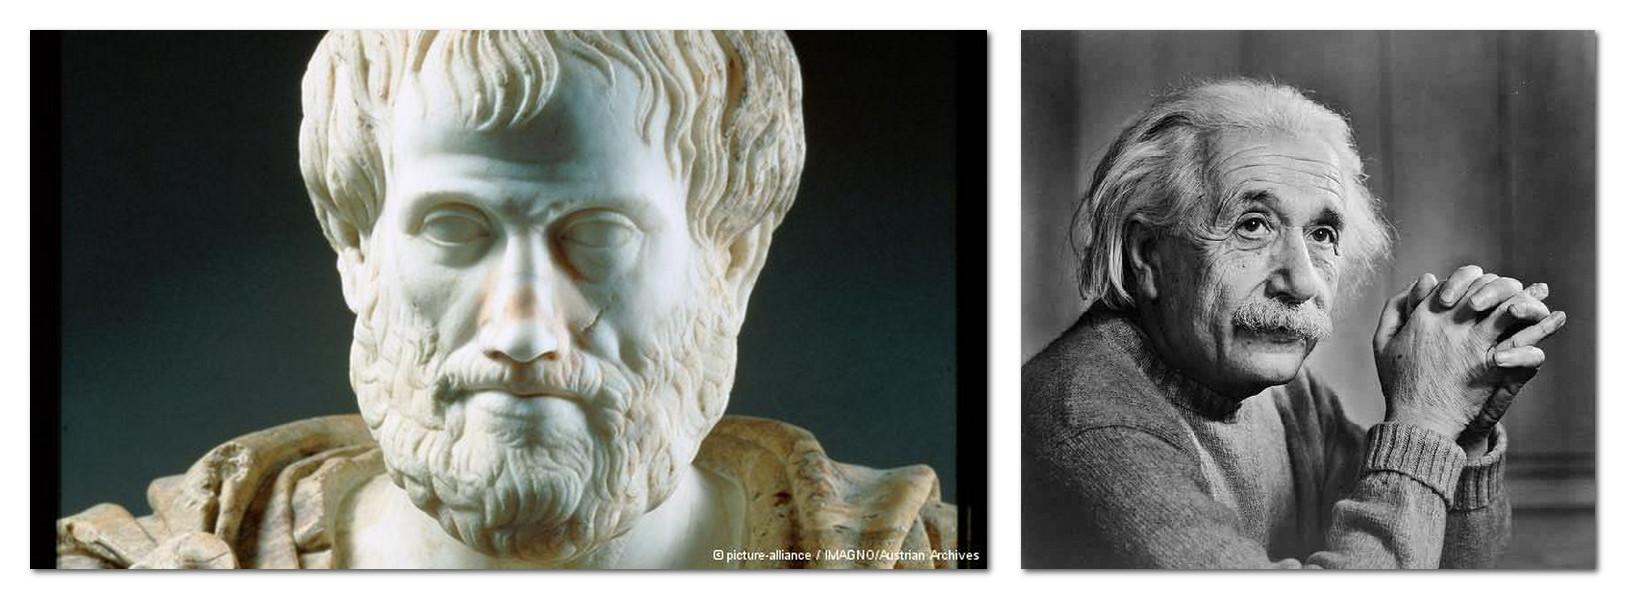 خلاقیت در فروش به سبک ارسطو و انیشتین